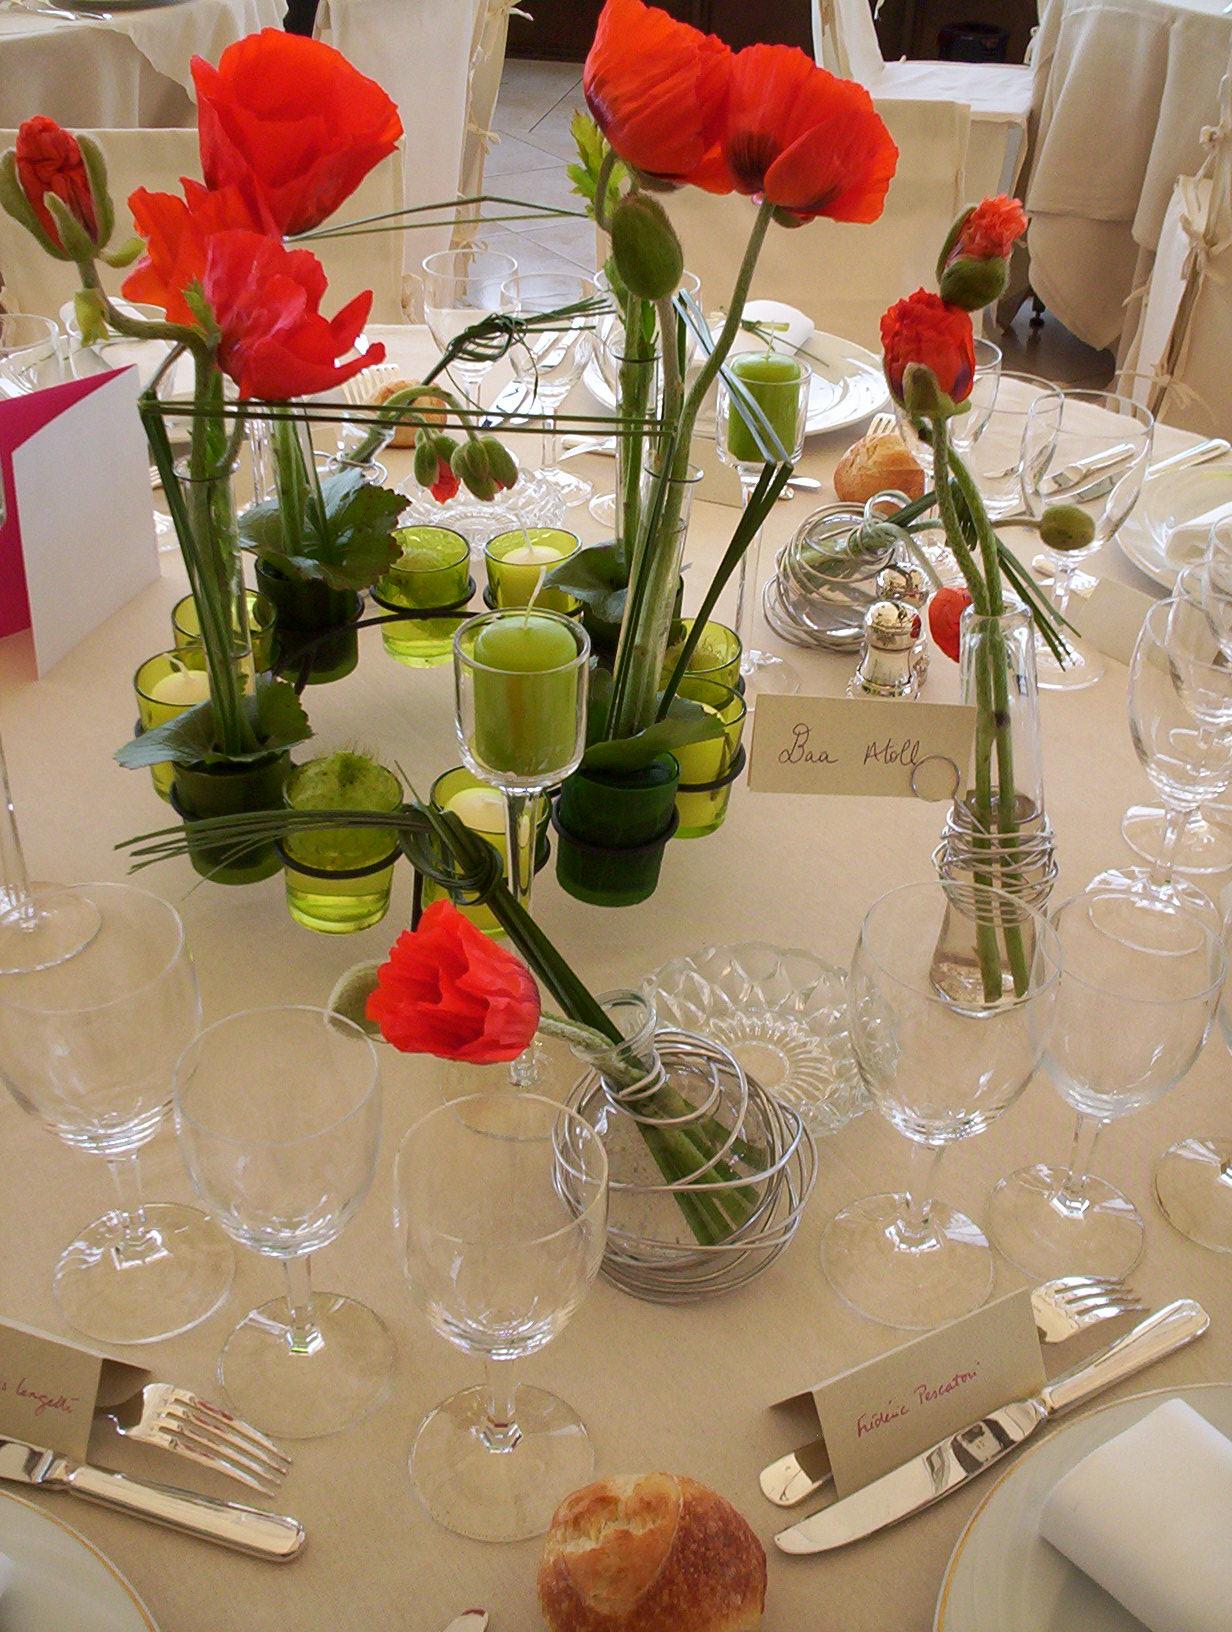 D coration florale soir e de gala d coration grand for Decoration florale evenementiel